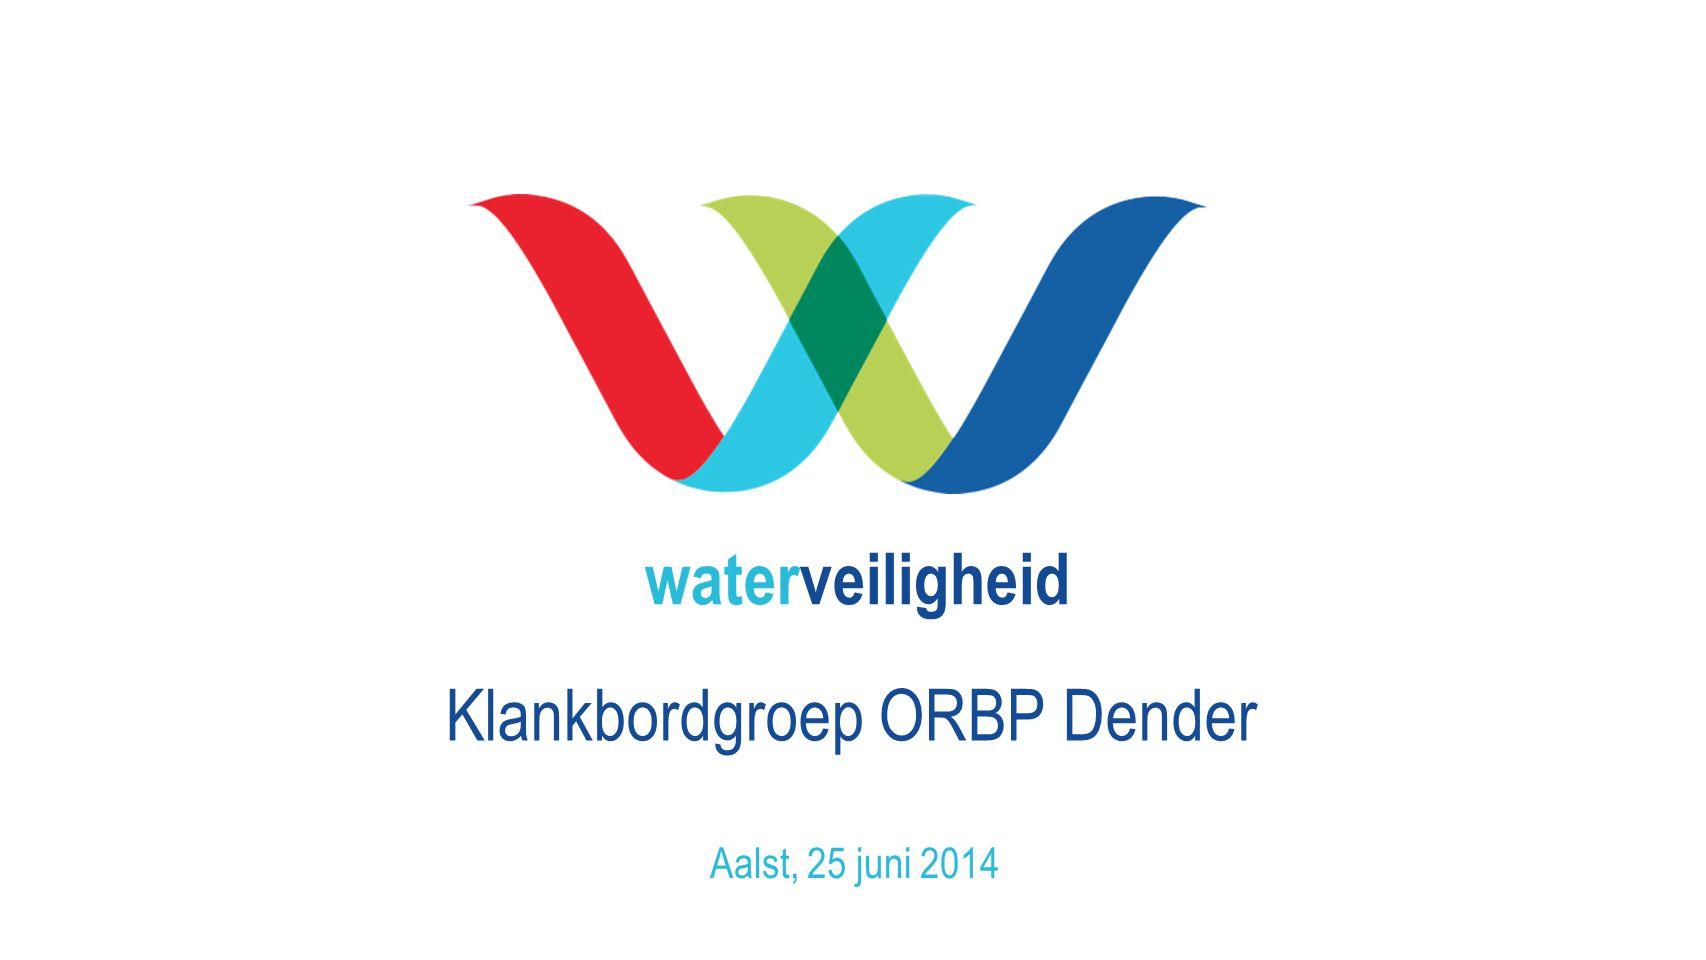 waterveiligheid Klankbordgroep ORBP Dender Aalst, 25 juni 2014